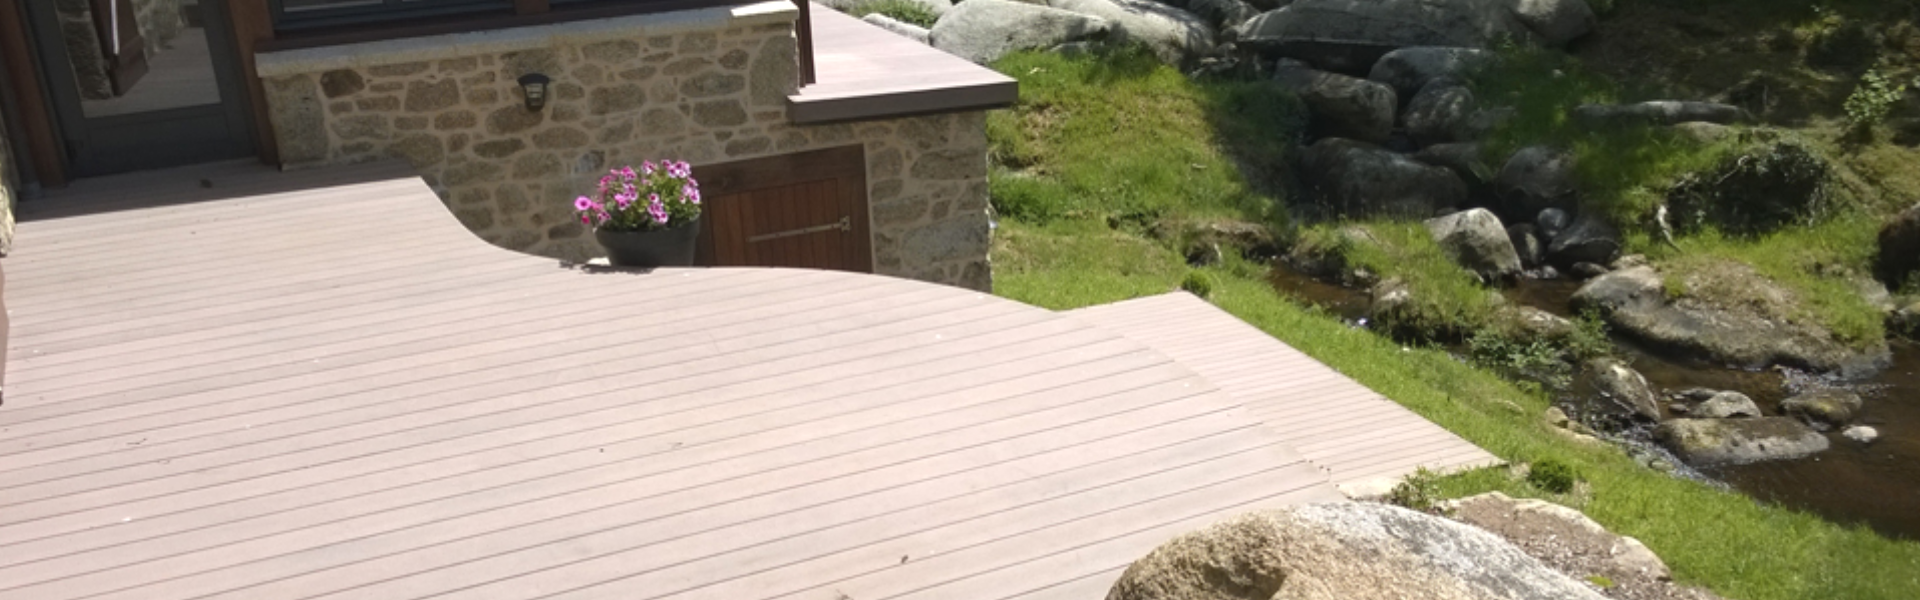 Jardins Et Clotures D Armor lucia environnement - elagage, débrousaillage, entretien